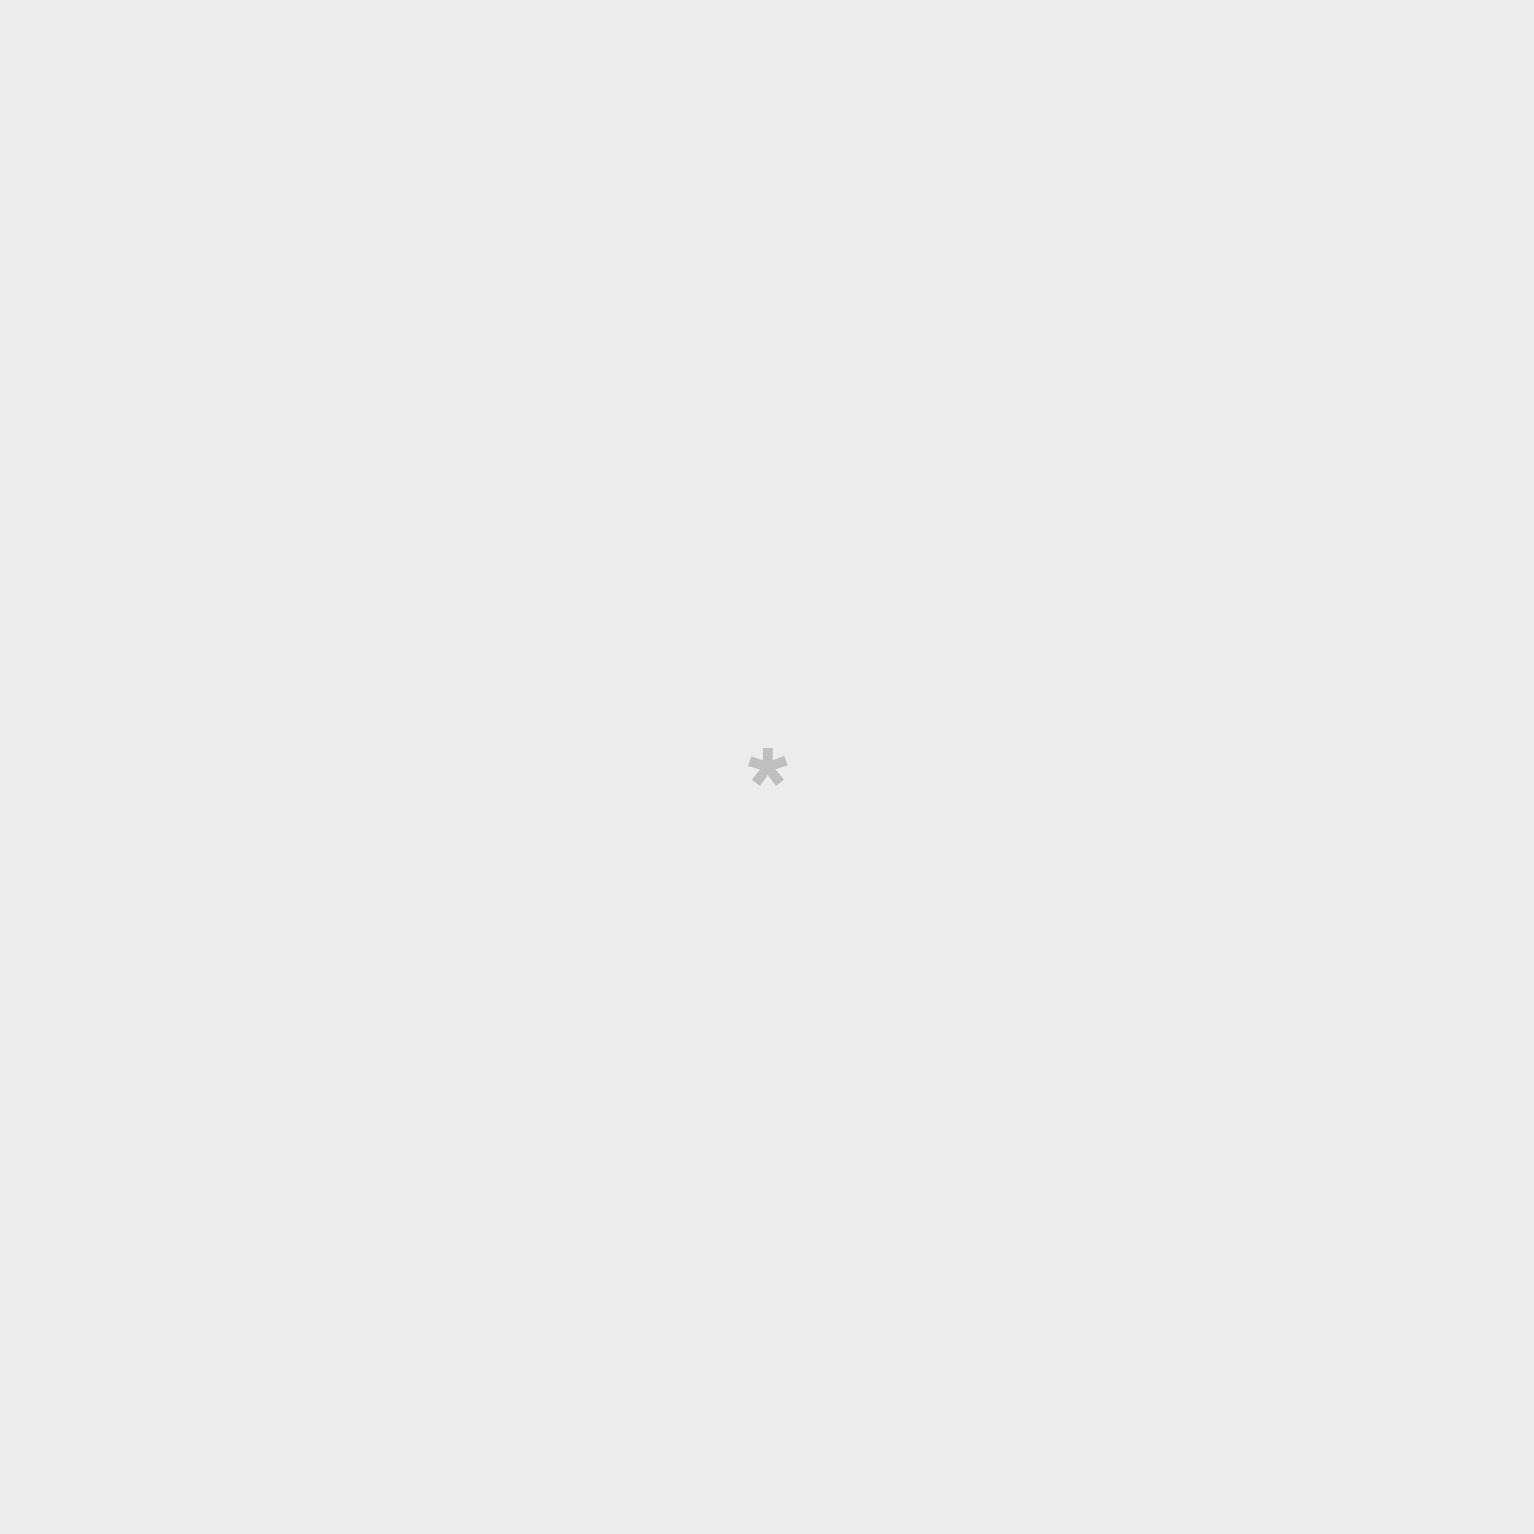 Marco de fotos bebé - Mi primer añito